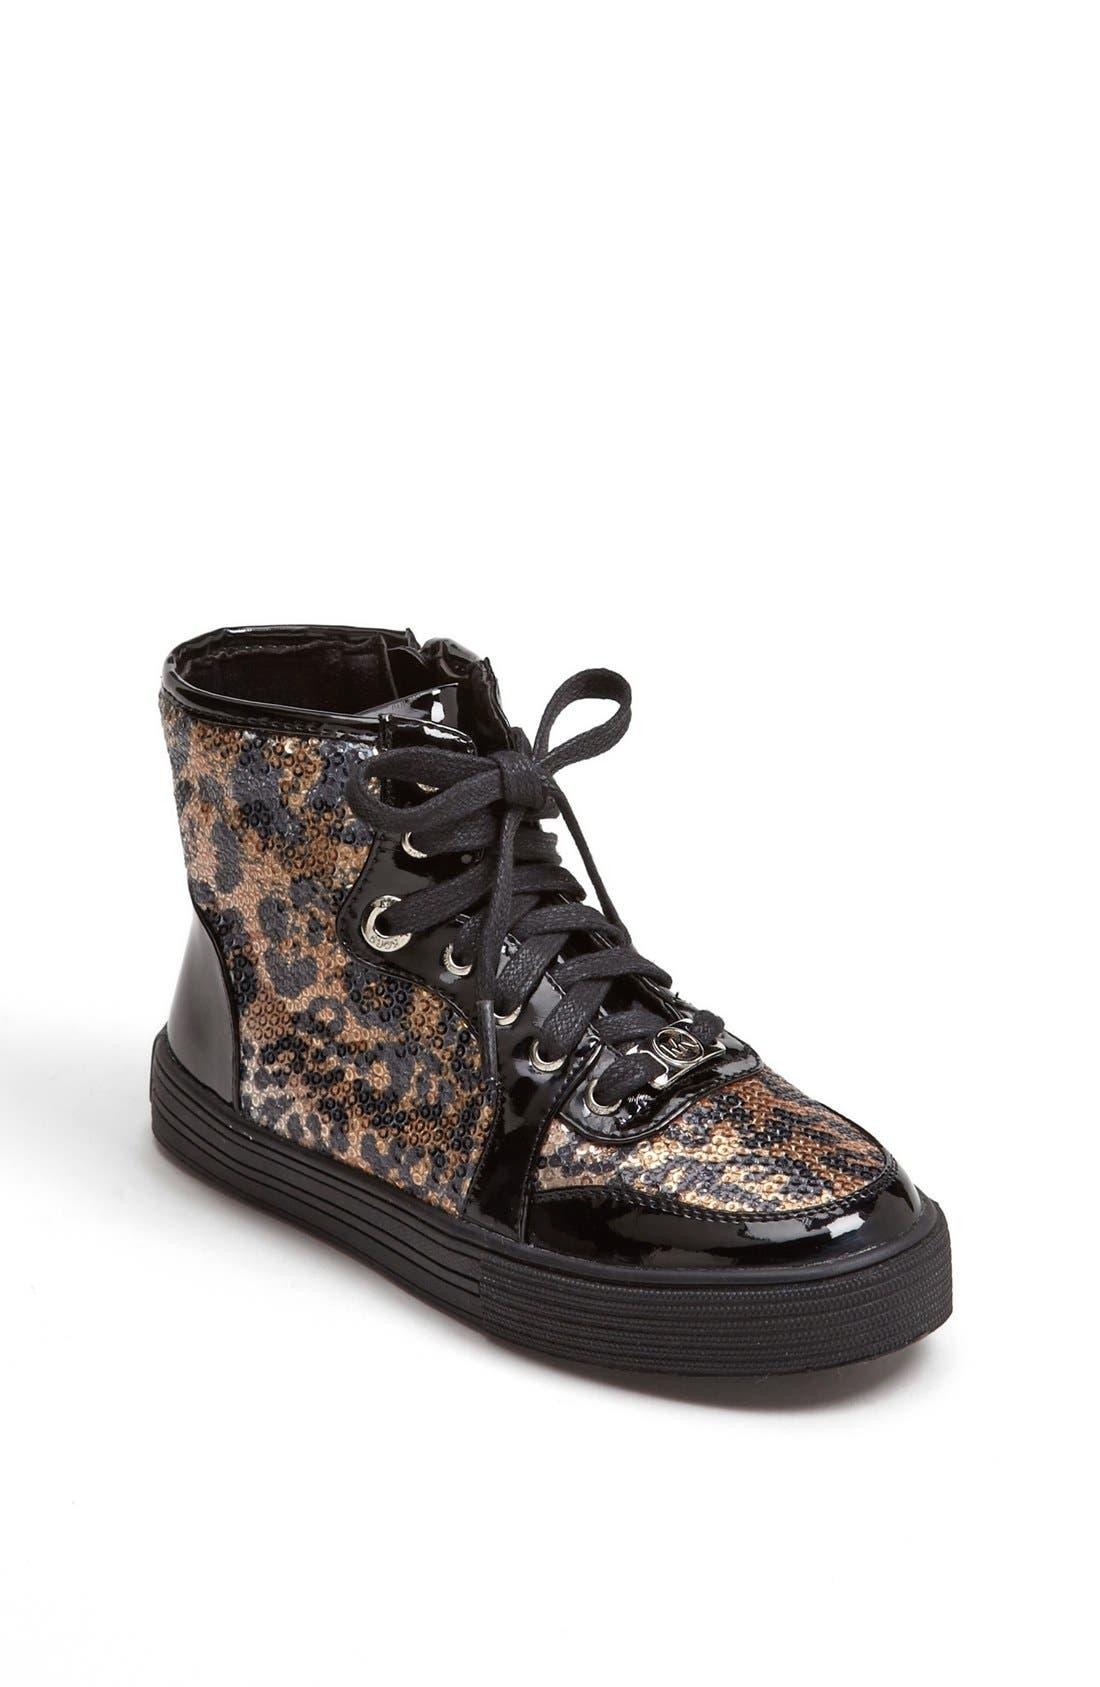 Alternate Image 1 Selected - MICHAEL Michael Kors 'Ivy' High Top Sneaker (Walker, Toddler, Little Kid & Big Kid)